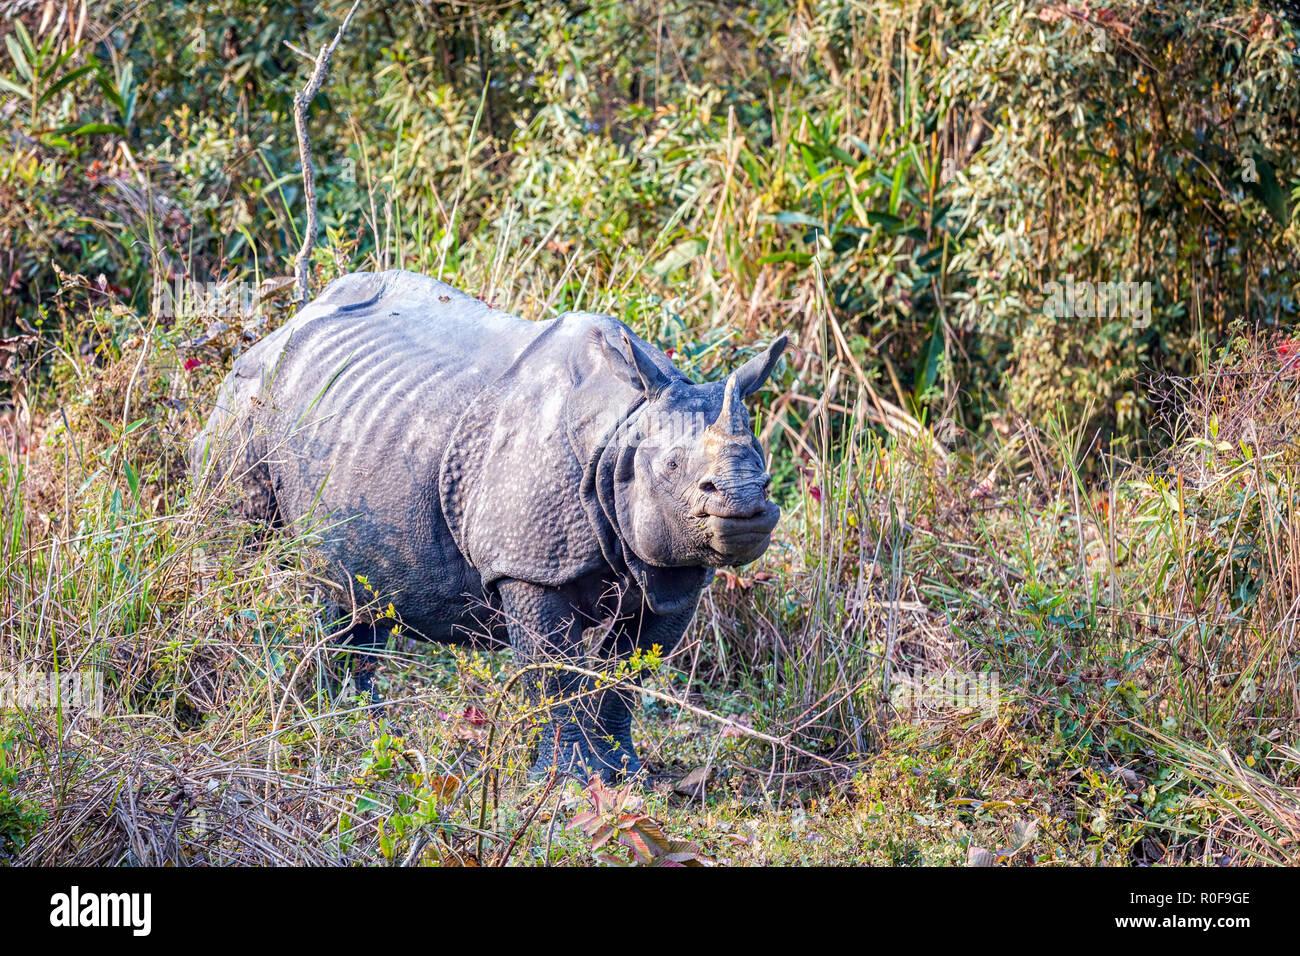 Indian rhinoceros (Rhinoceros unicornis) in Kaziranga National Park, Assam, India - Stock Image